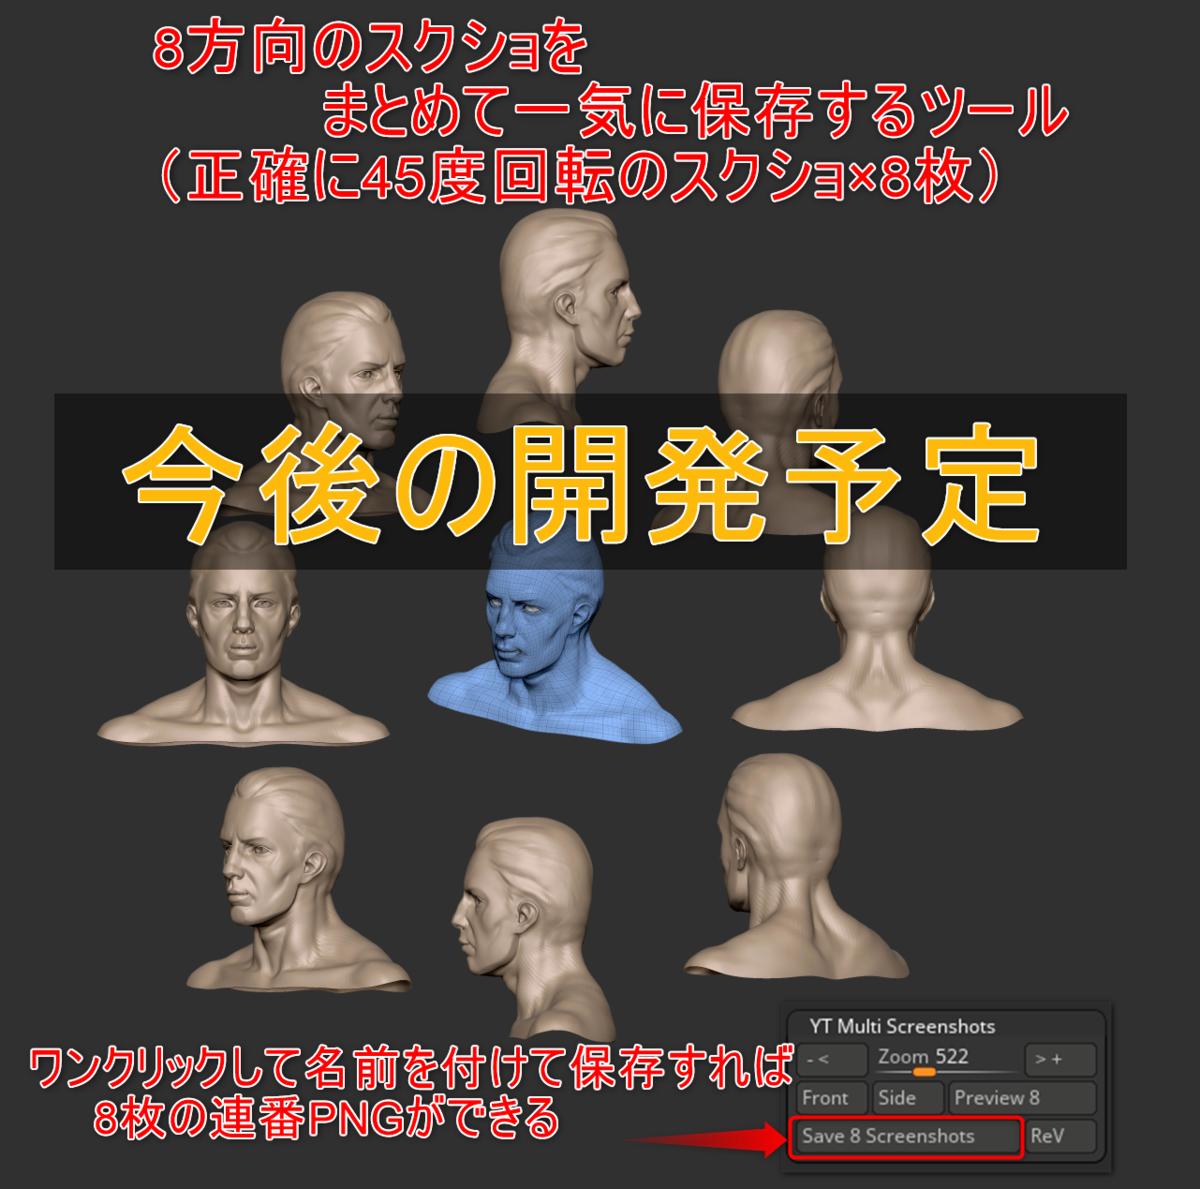 f:id:yamato-tsukasa:20190428010122p:plain